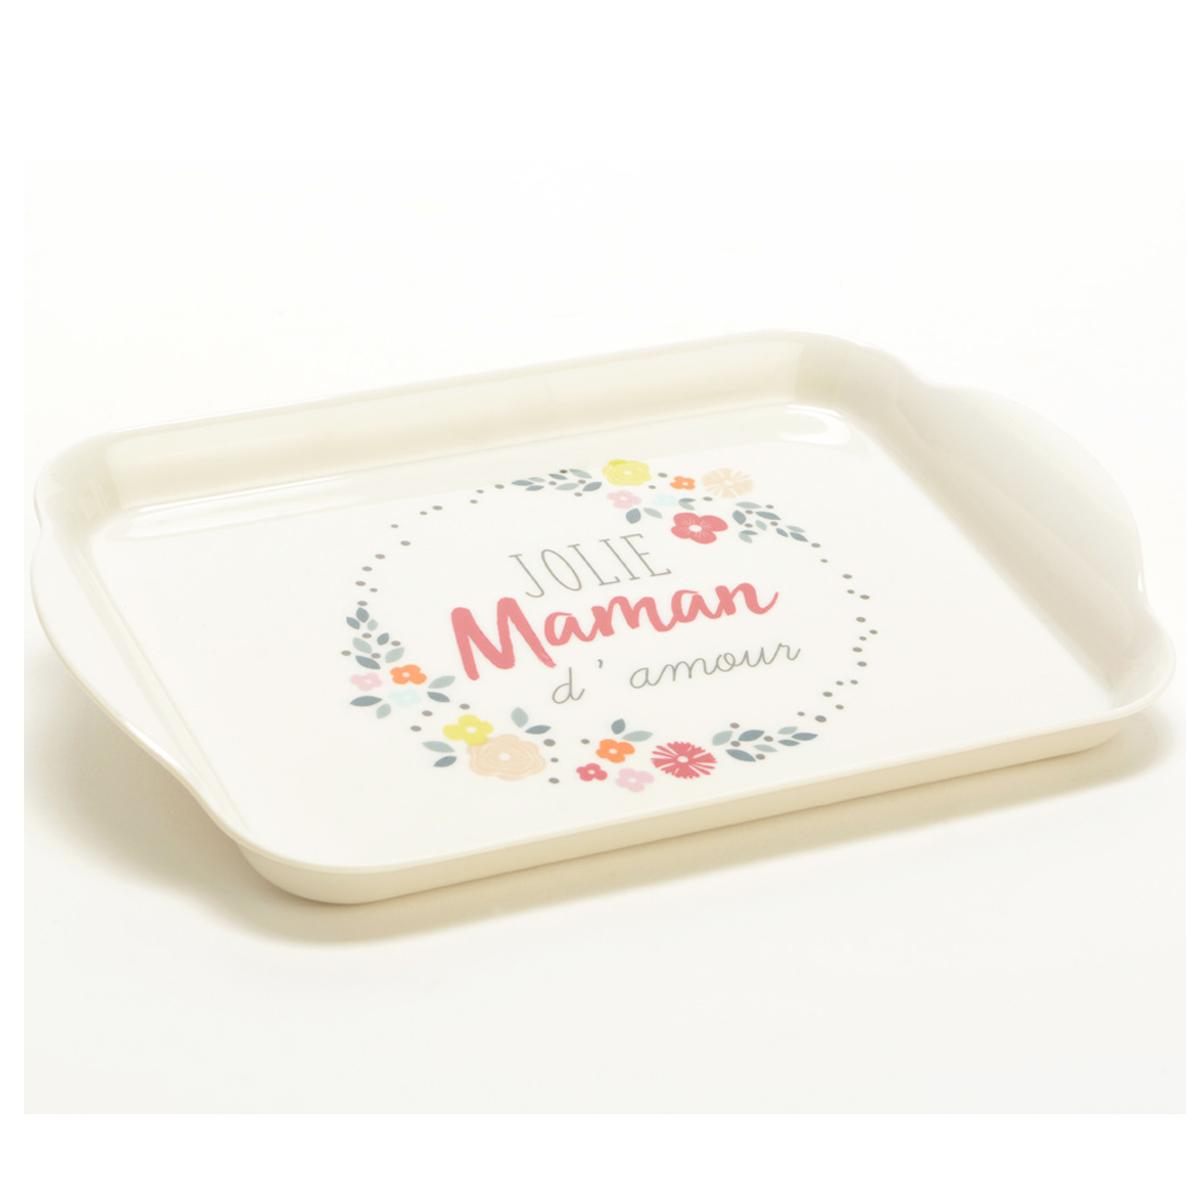 Petit Plateau \'Maman\' (jolie Maman d\'amour) - 22x155 cm - [Q9623]